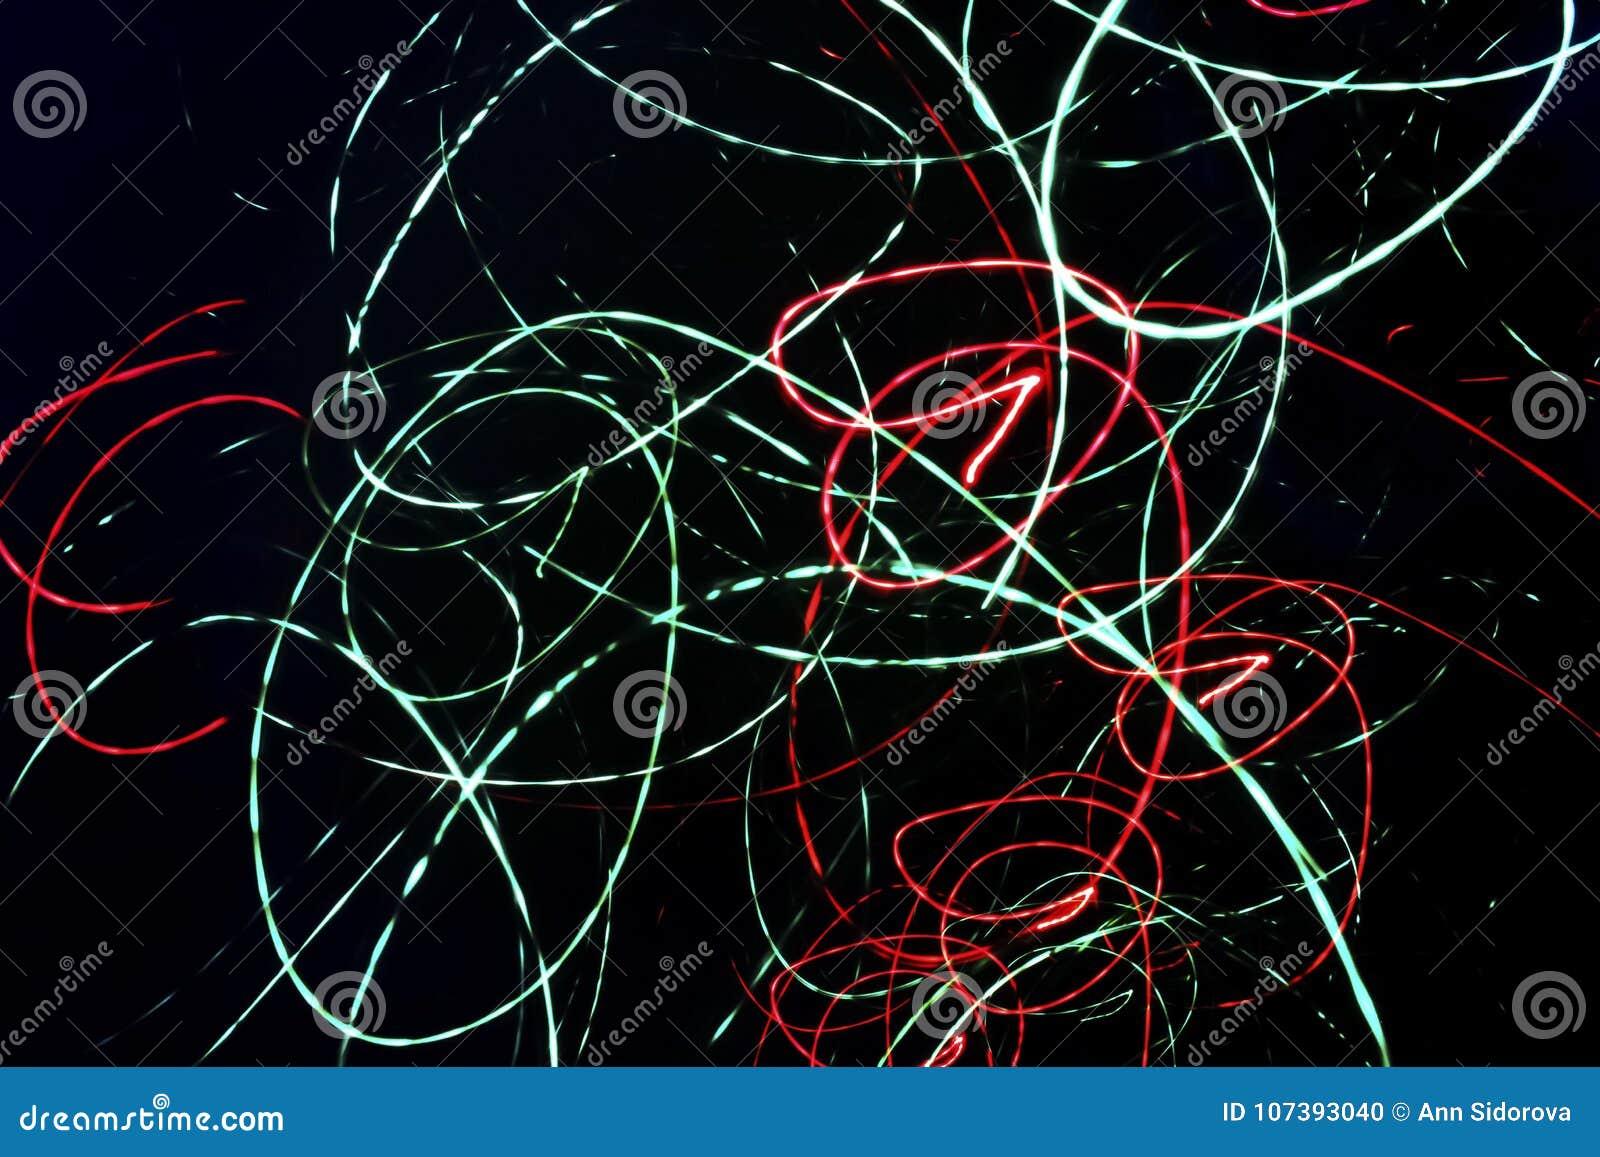 Abstrakter schwarzer Hintergrund mit chaotischen gewundenen Neonlinien